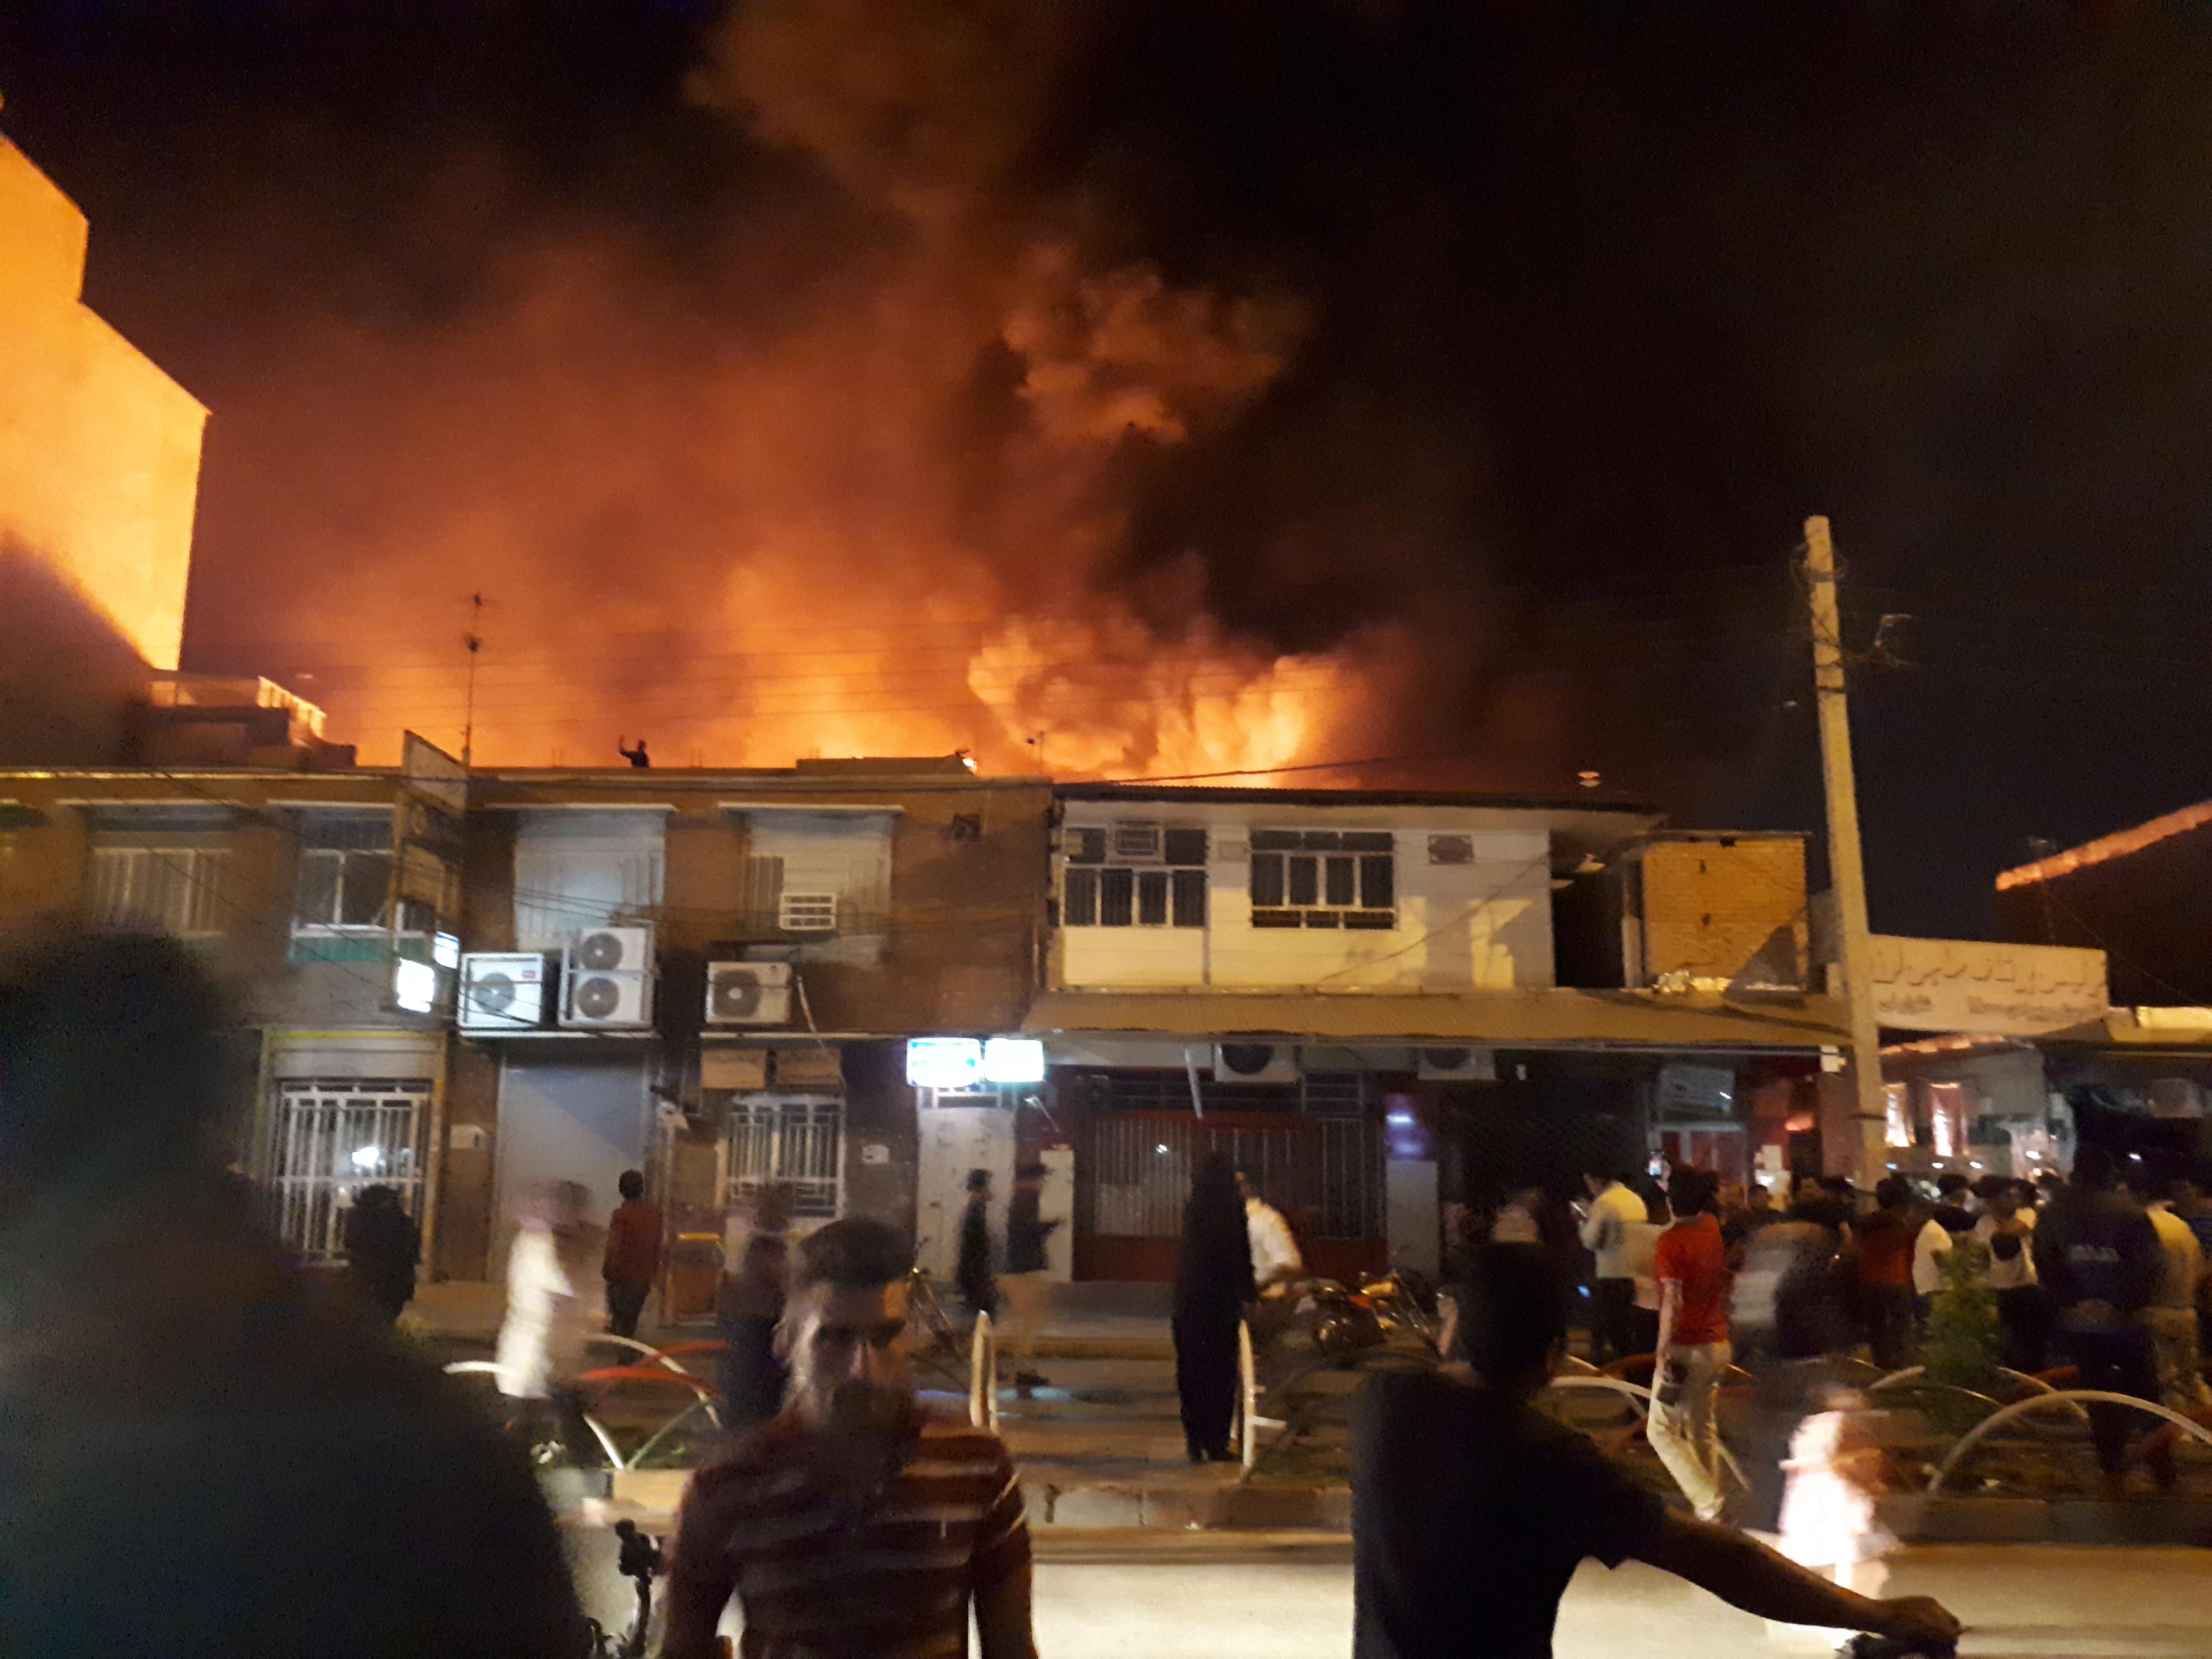 بازار آنزان ایذه در آتش سوخت/کمبود تجهیزات اطفای حریق ملموس بود+عکس